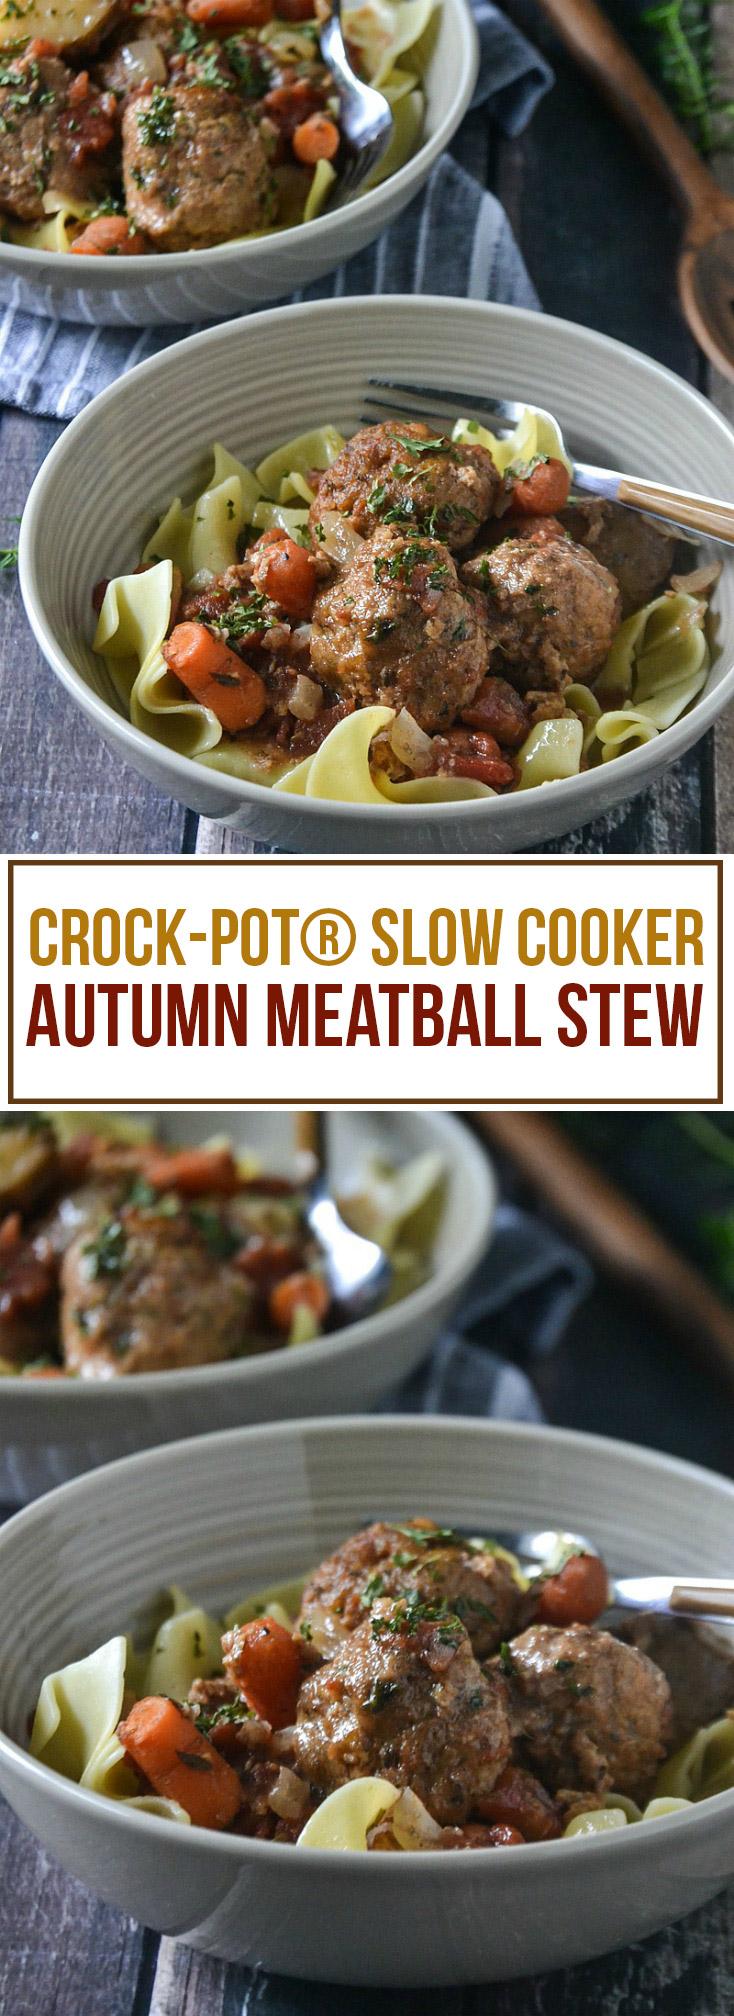 Crock-Pot® Slow Cooker Autumn Meatball Stew